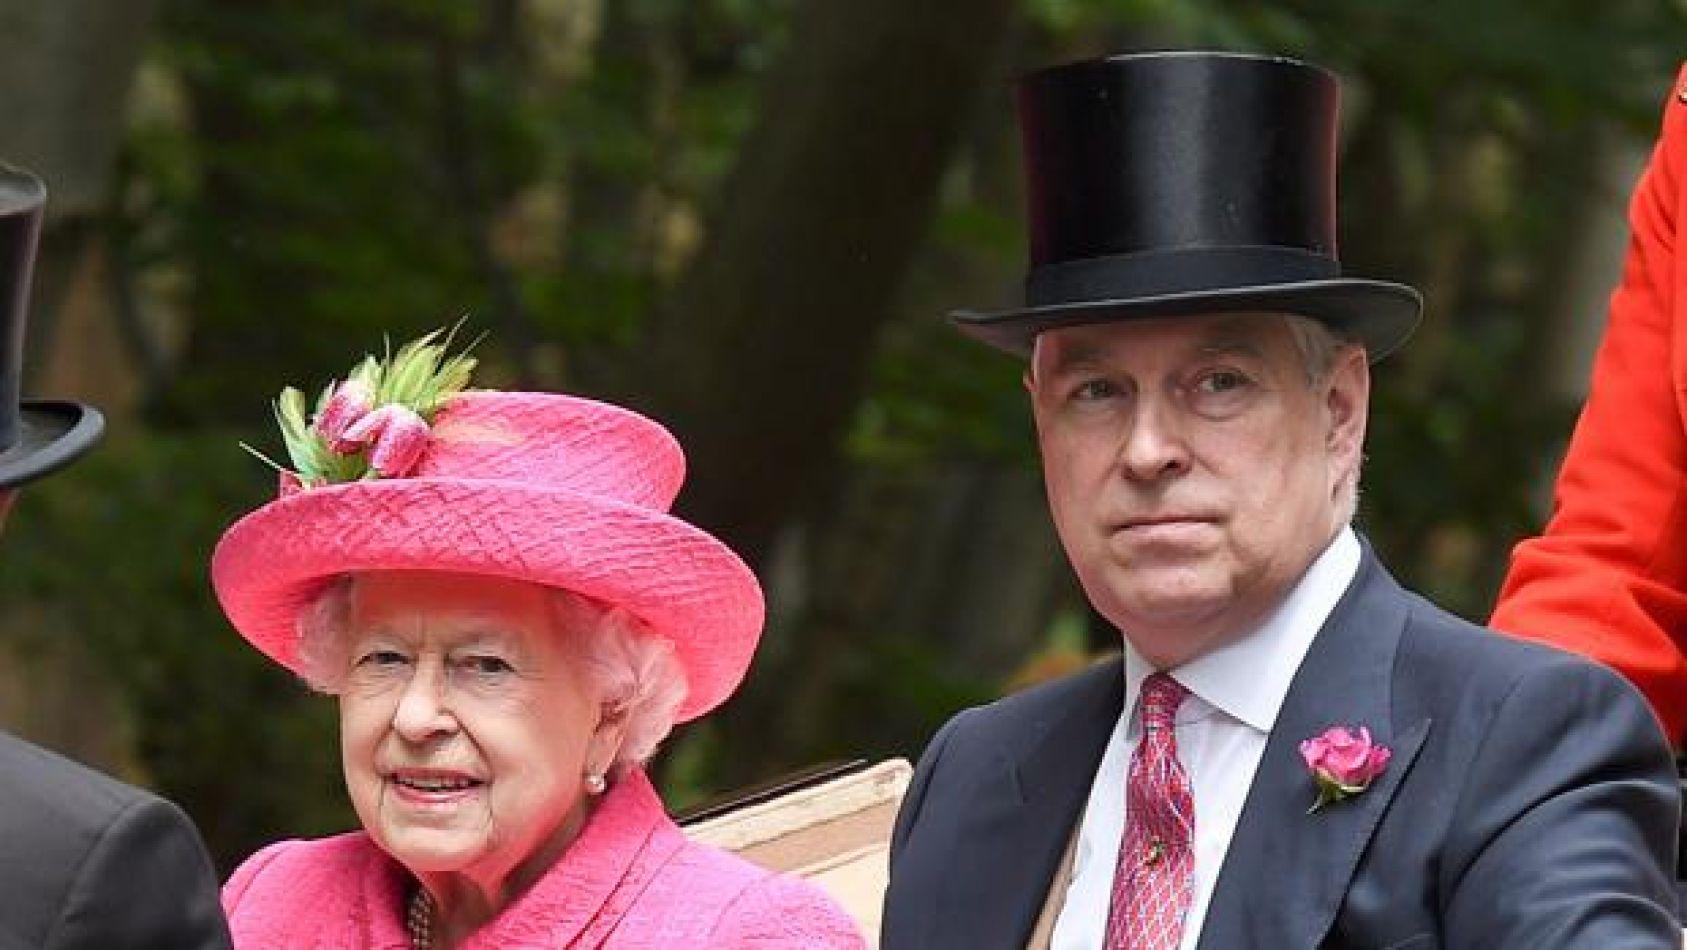 Inglaterra: denunciaron al príncipe Andrés por abuso sexual